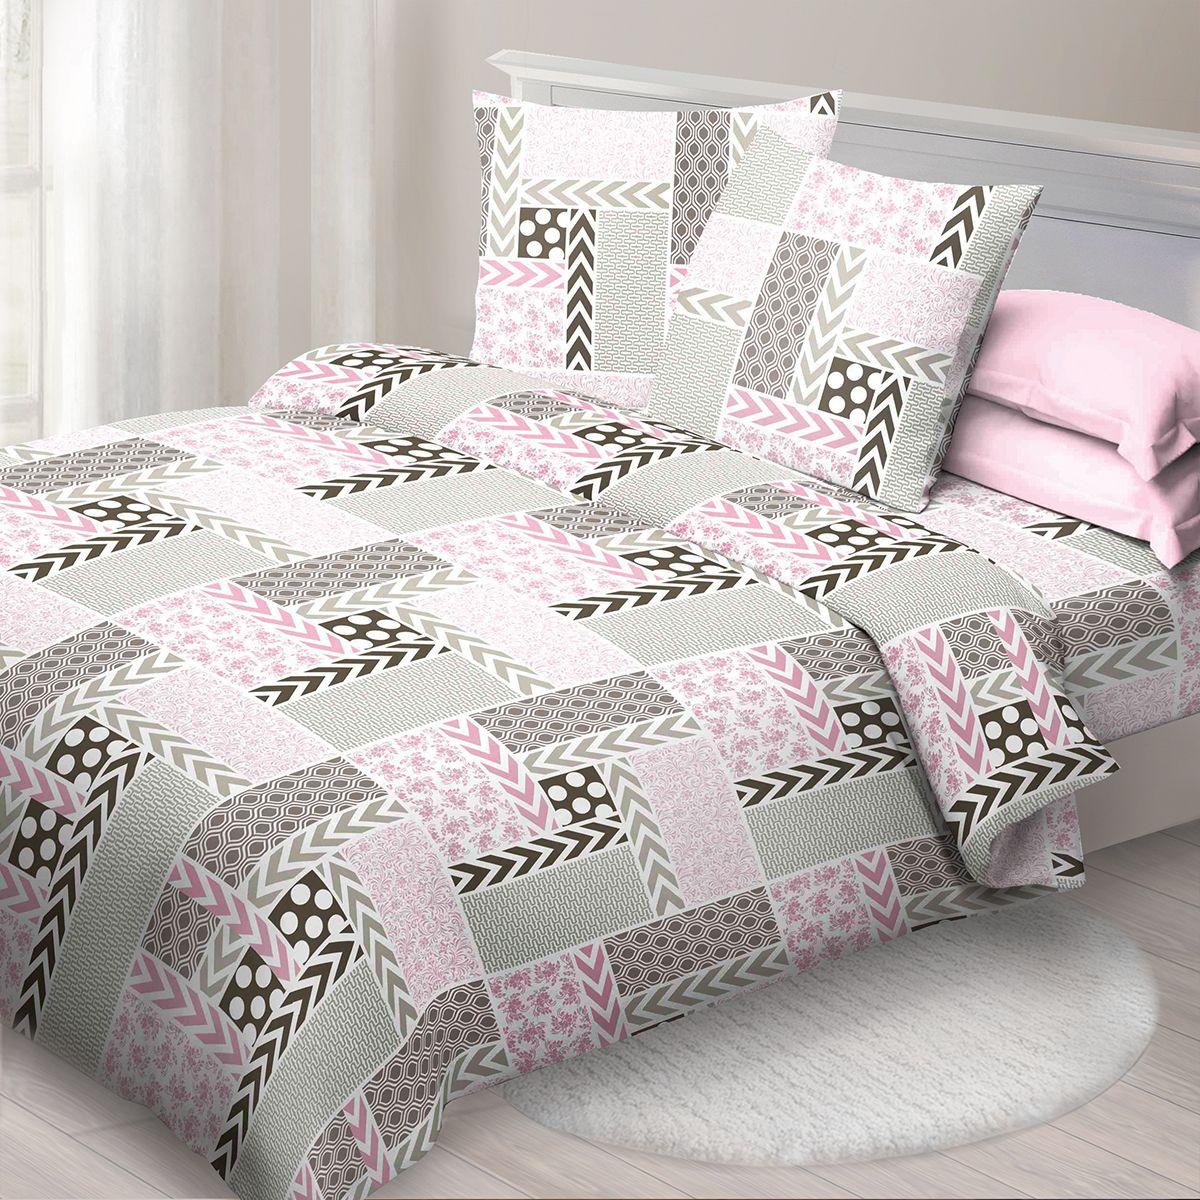 Комплект белья Спал Спалыч Палермо, 2-спальное, наволочки 70x70, цвет: розовый90881Спал Спалыч - недорогое, но качественное постельное белье из белорусской бязи. Актуальные дизайны, авторская упаковка в сочетании с качественными материалами и приемлемой ценой - залог успеха Спал Спалыча!В ассортименте широкая линейка домашнего текстиля для всей семьи - современные дизайны современному покупателю! Ткань обработана по технологии PERFECT WAY - благодаря чему, она становится более гладкой и шелковистой.• Бязь Барановичи 100% хлопок• Плотность ткани - 125 гр/кв.м.